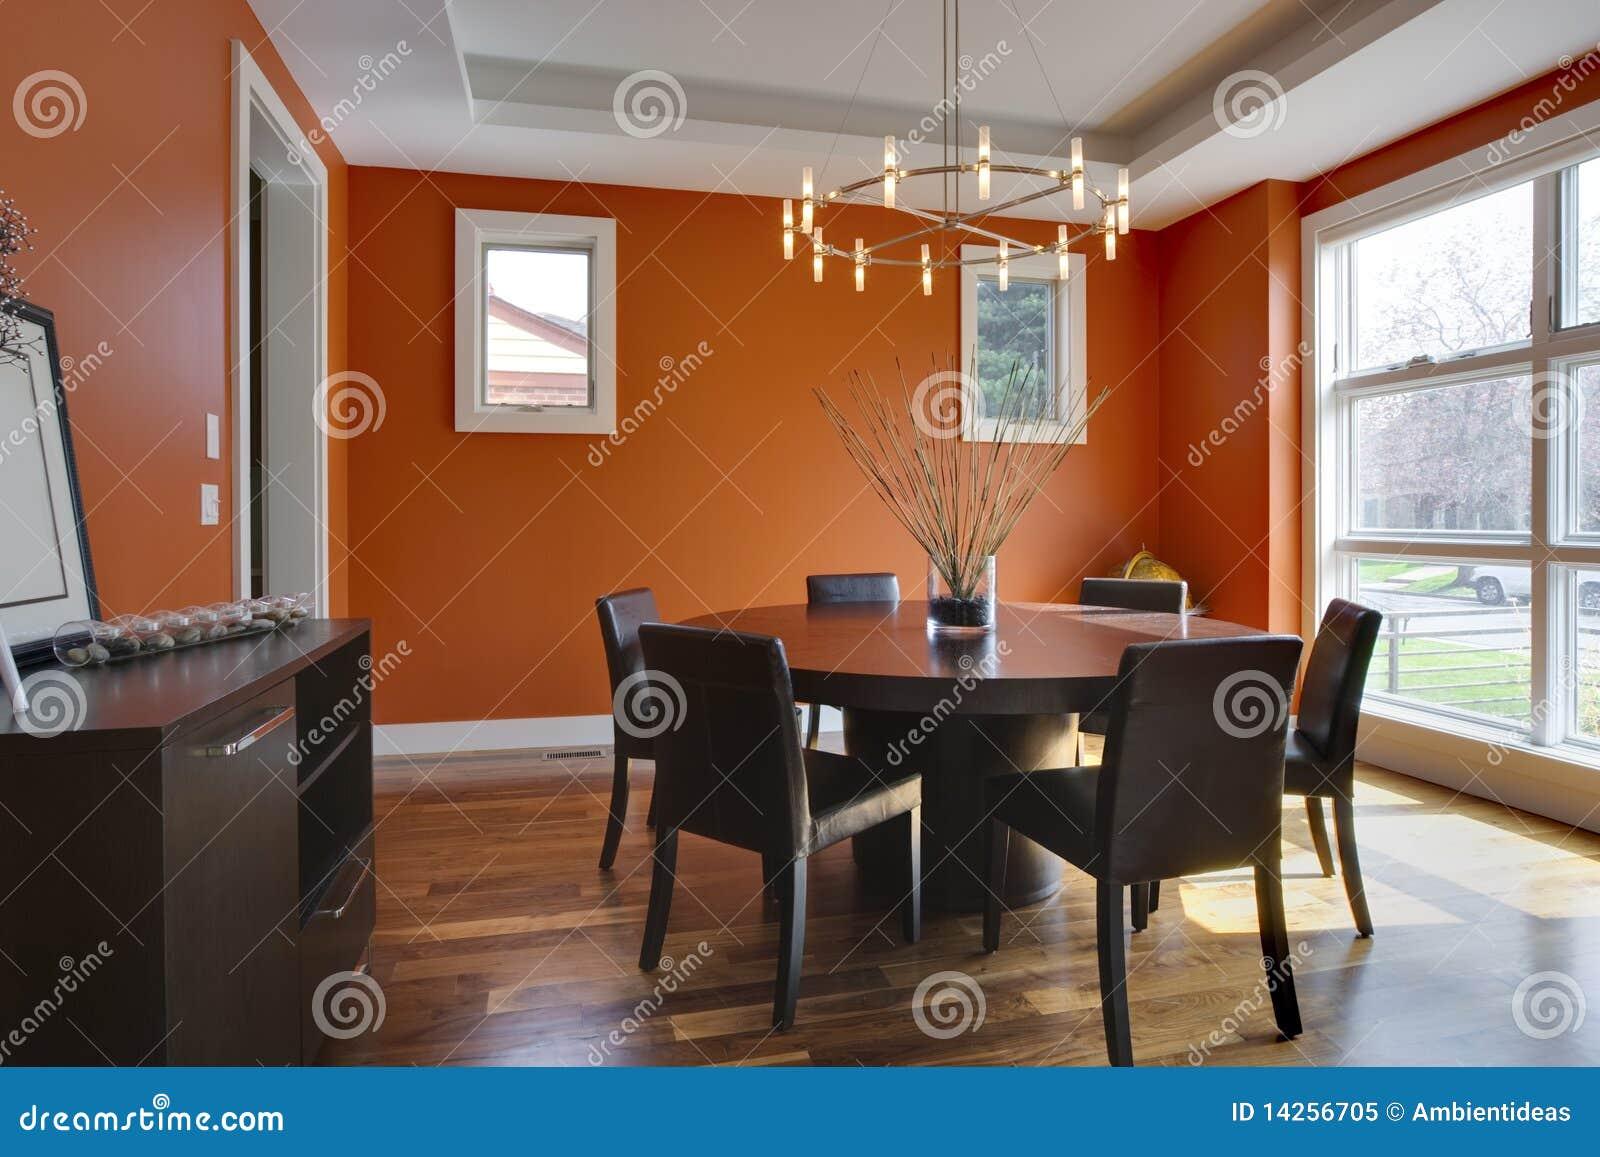 Libera Da Diritti: Sala Da Pranzo Di Lusso Con Le Pareti Arancioni #863E1A 1300 957 Colore Pareti Sala Da Pranzo